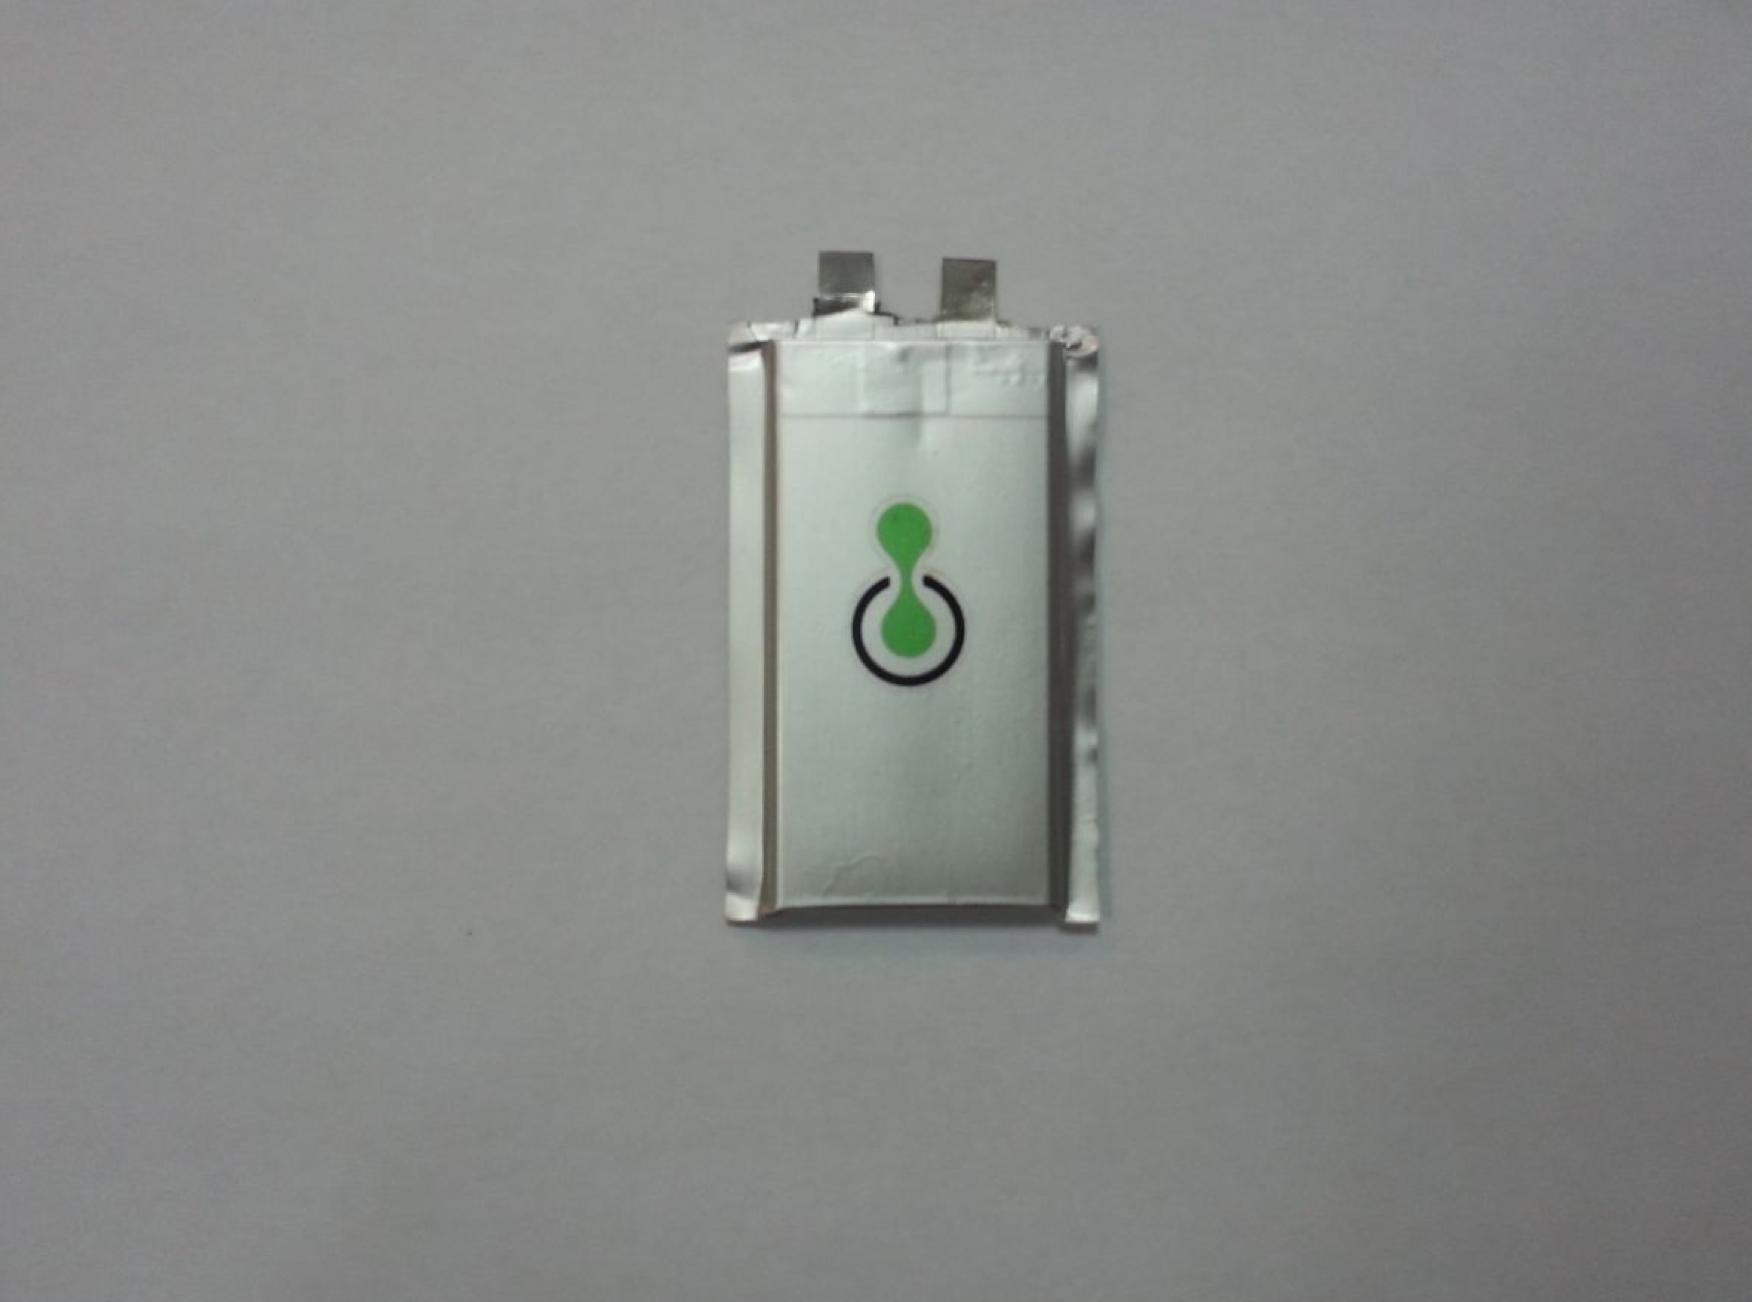 Israeli startup StoreDot's fast-charging battery.